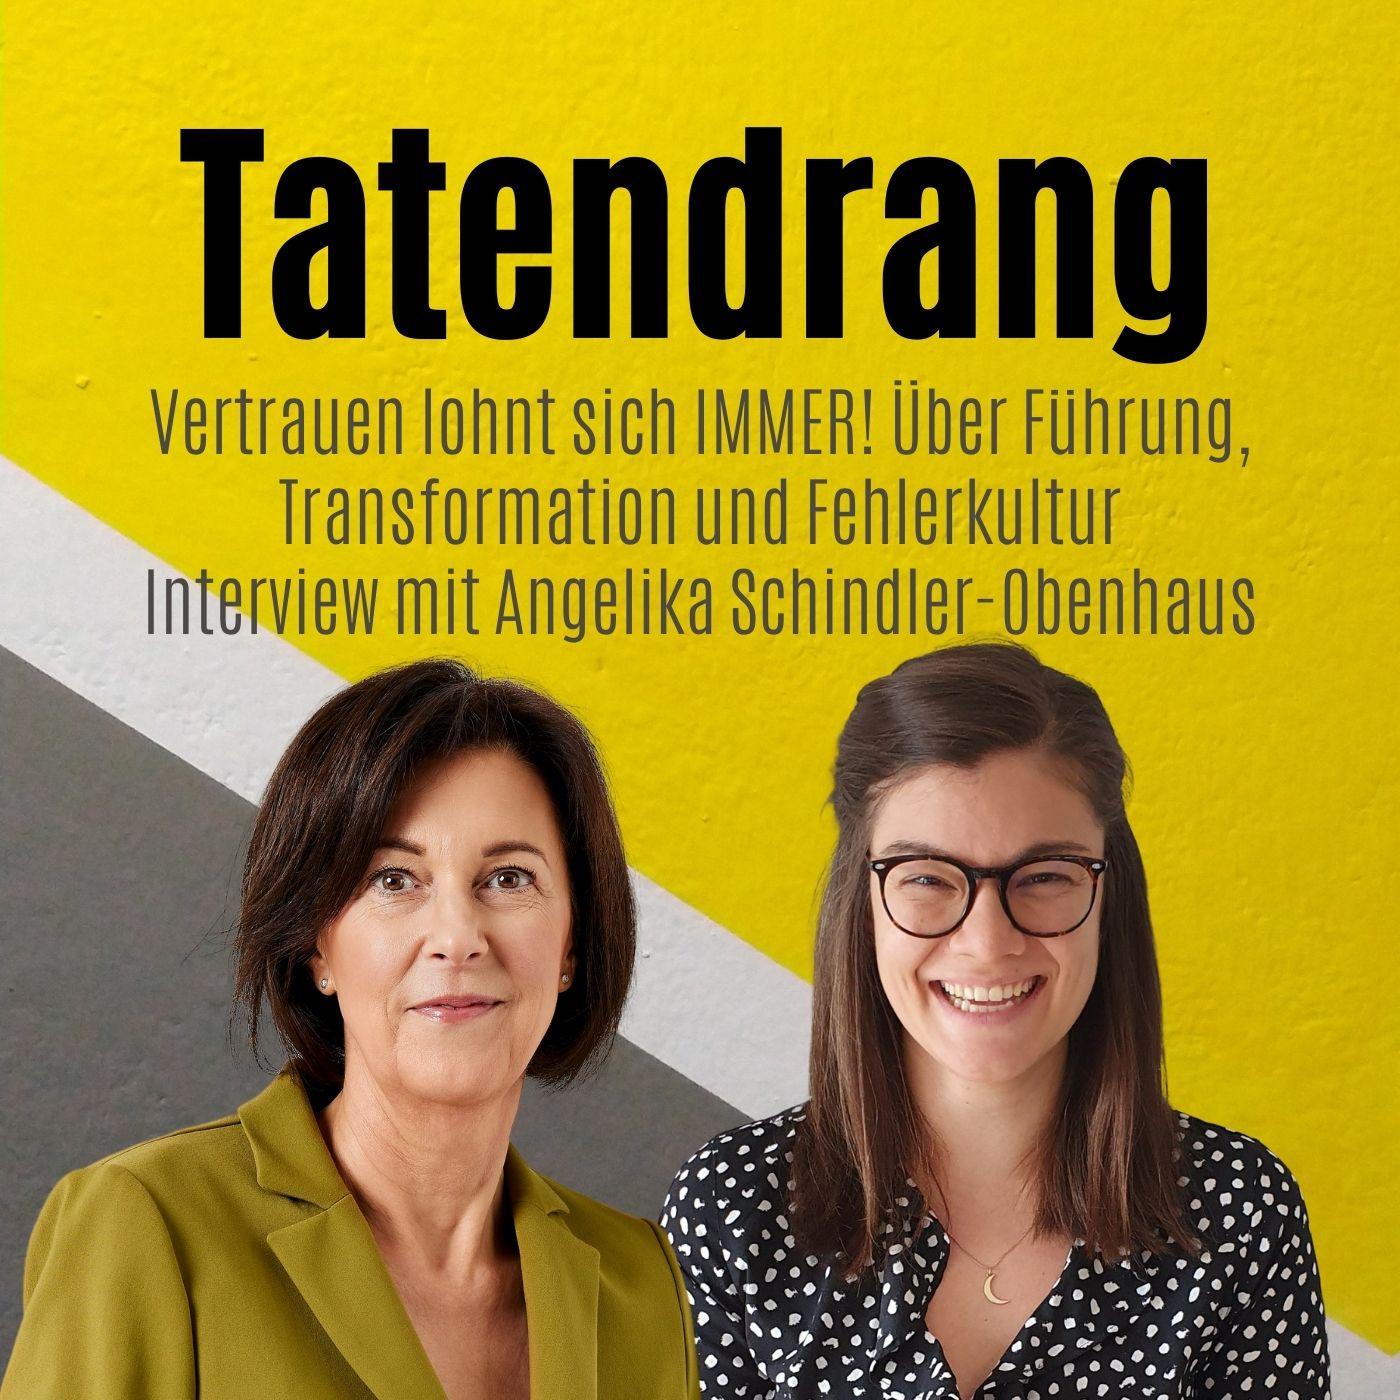 Vertrauen lohnt sich IMMER! Über Führung, Transformation und Fehlerkultur | Interview mit Angelika Schindler- Obenhaus